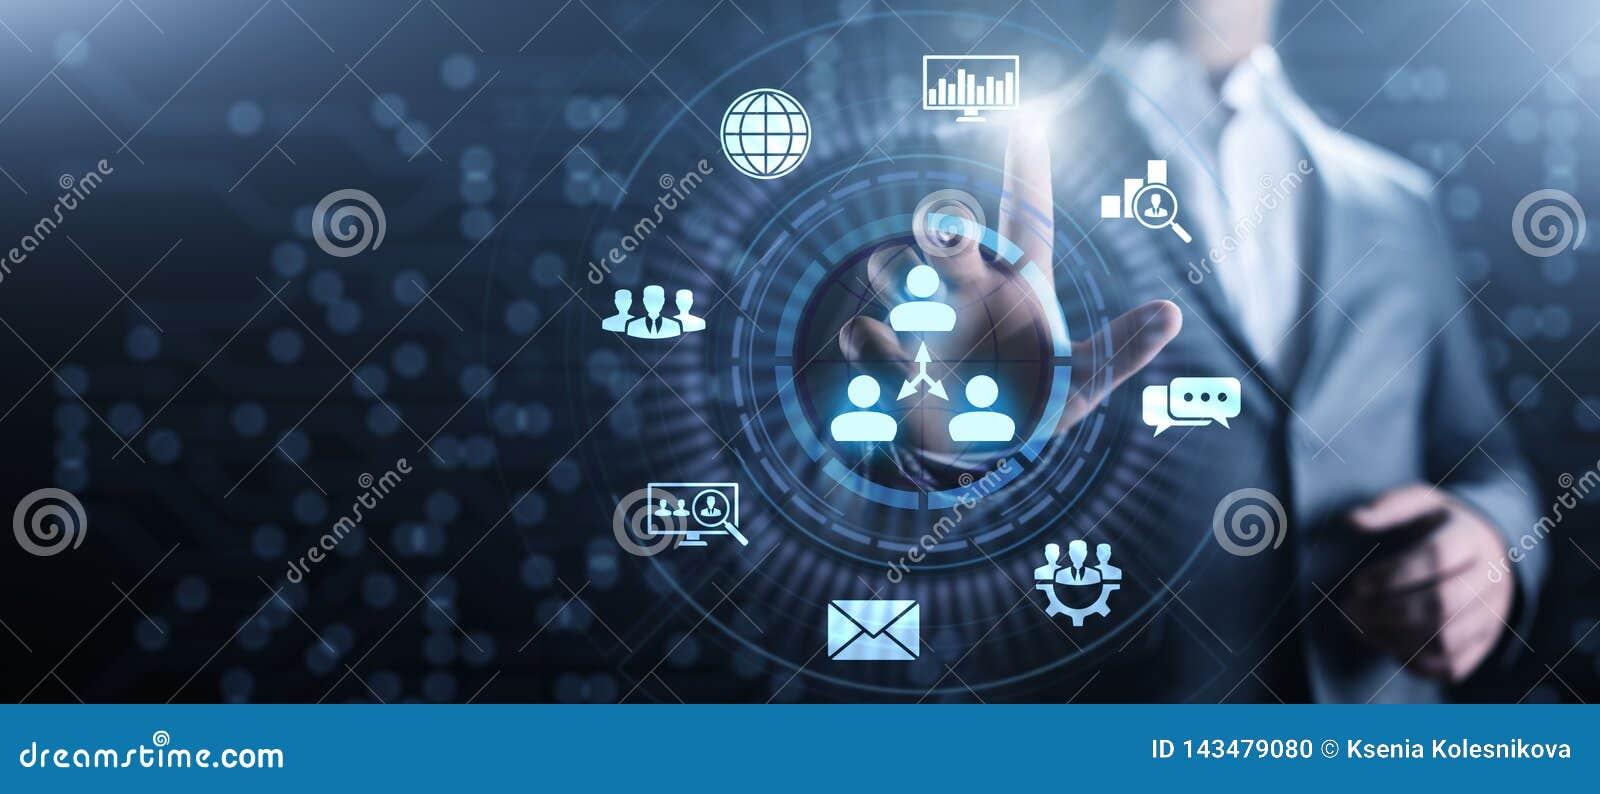 CRM - Abnehmer-Verh?ltnis-Management Unternehmenskommunikations- und -planungs-Software-Konzept